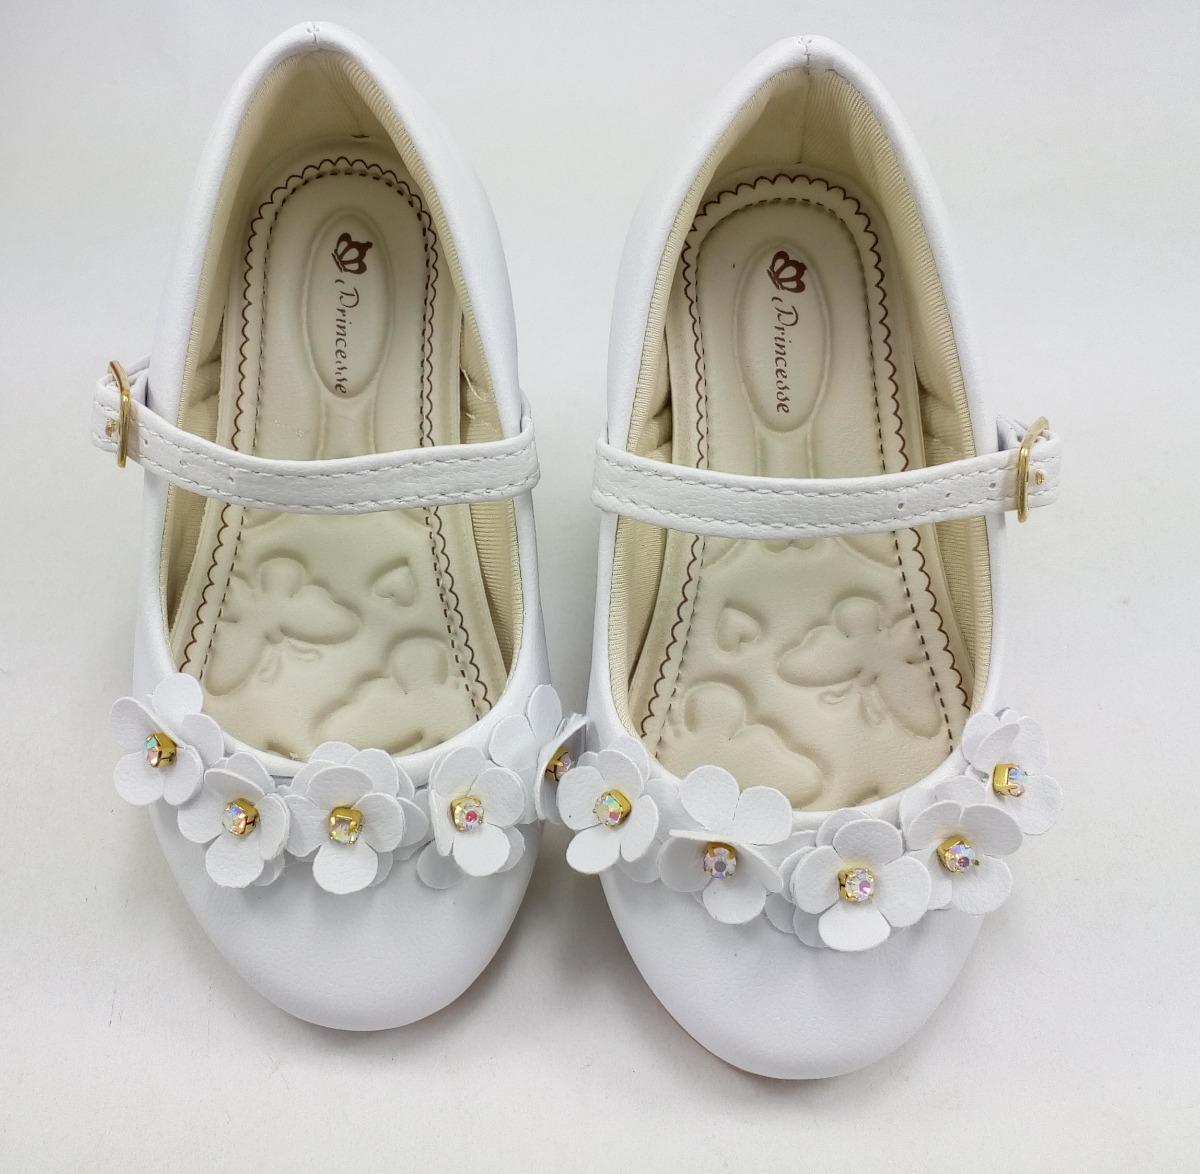 5056c8608a sapatilha branca infantil batizados daminha casamentos festa. Carregando  zoom.